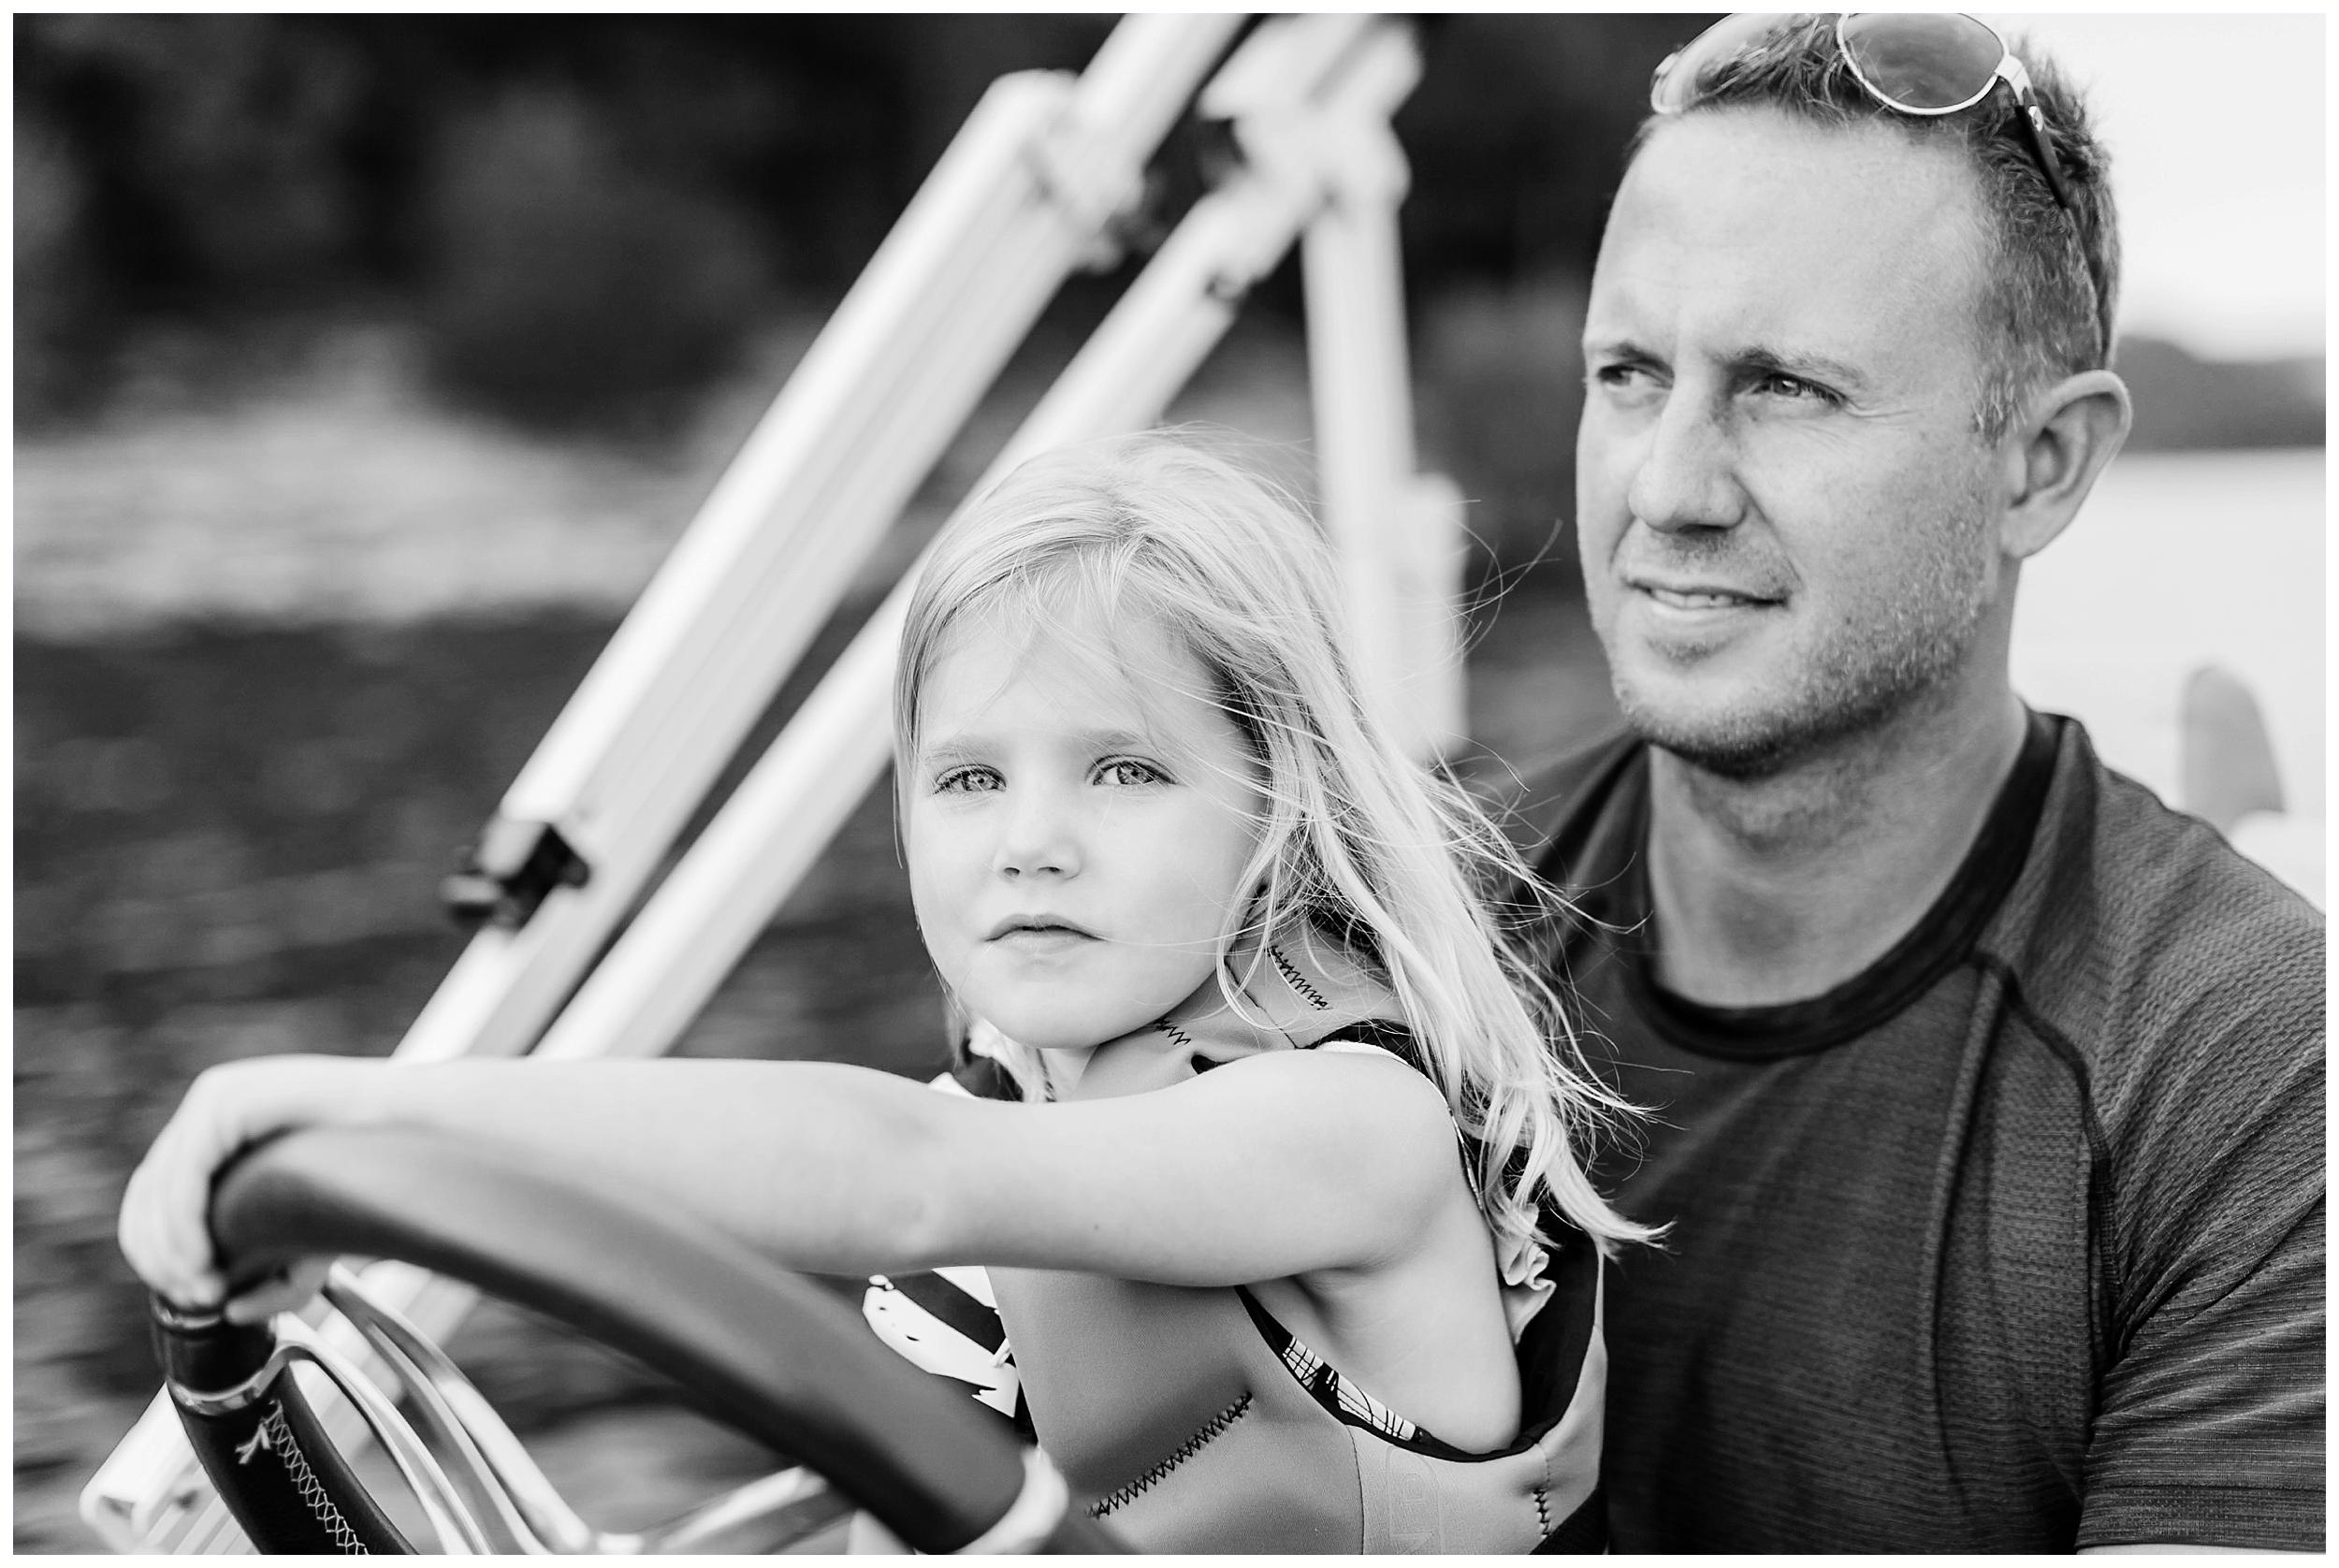 lexington-ky-family-lifestyle-photos-by-priscilla-baierlein_1252.jpg